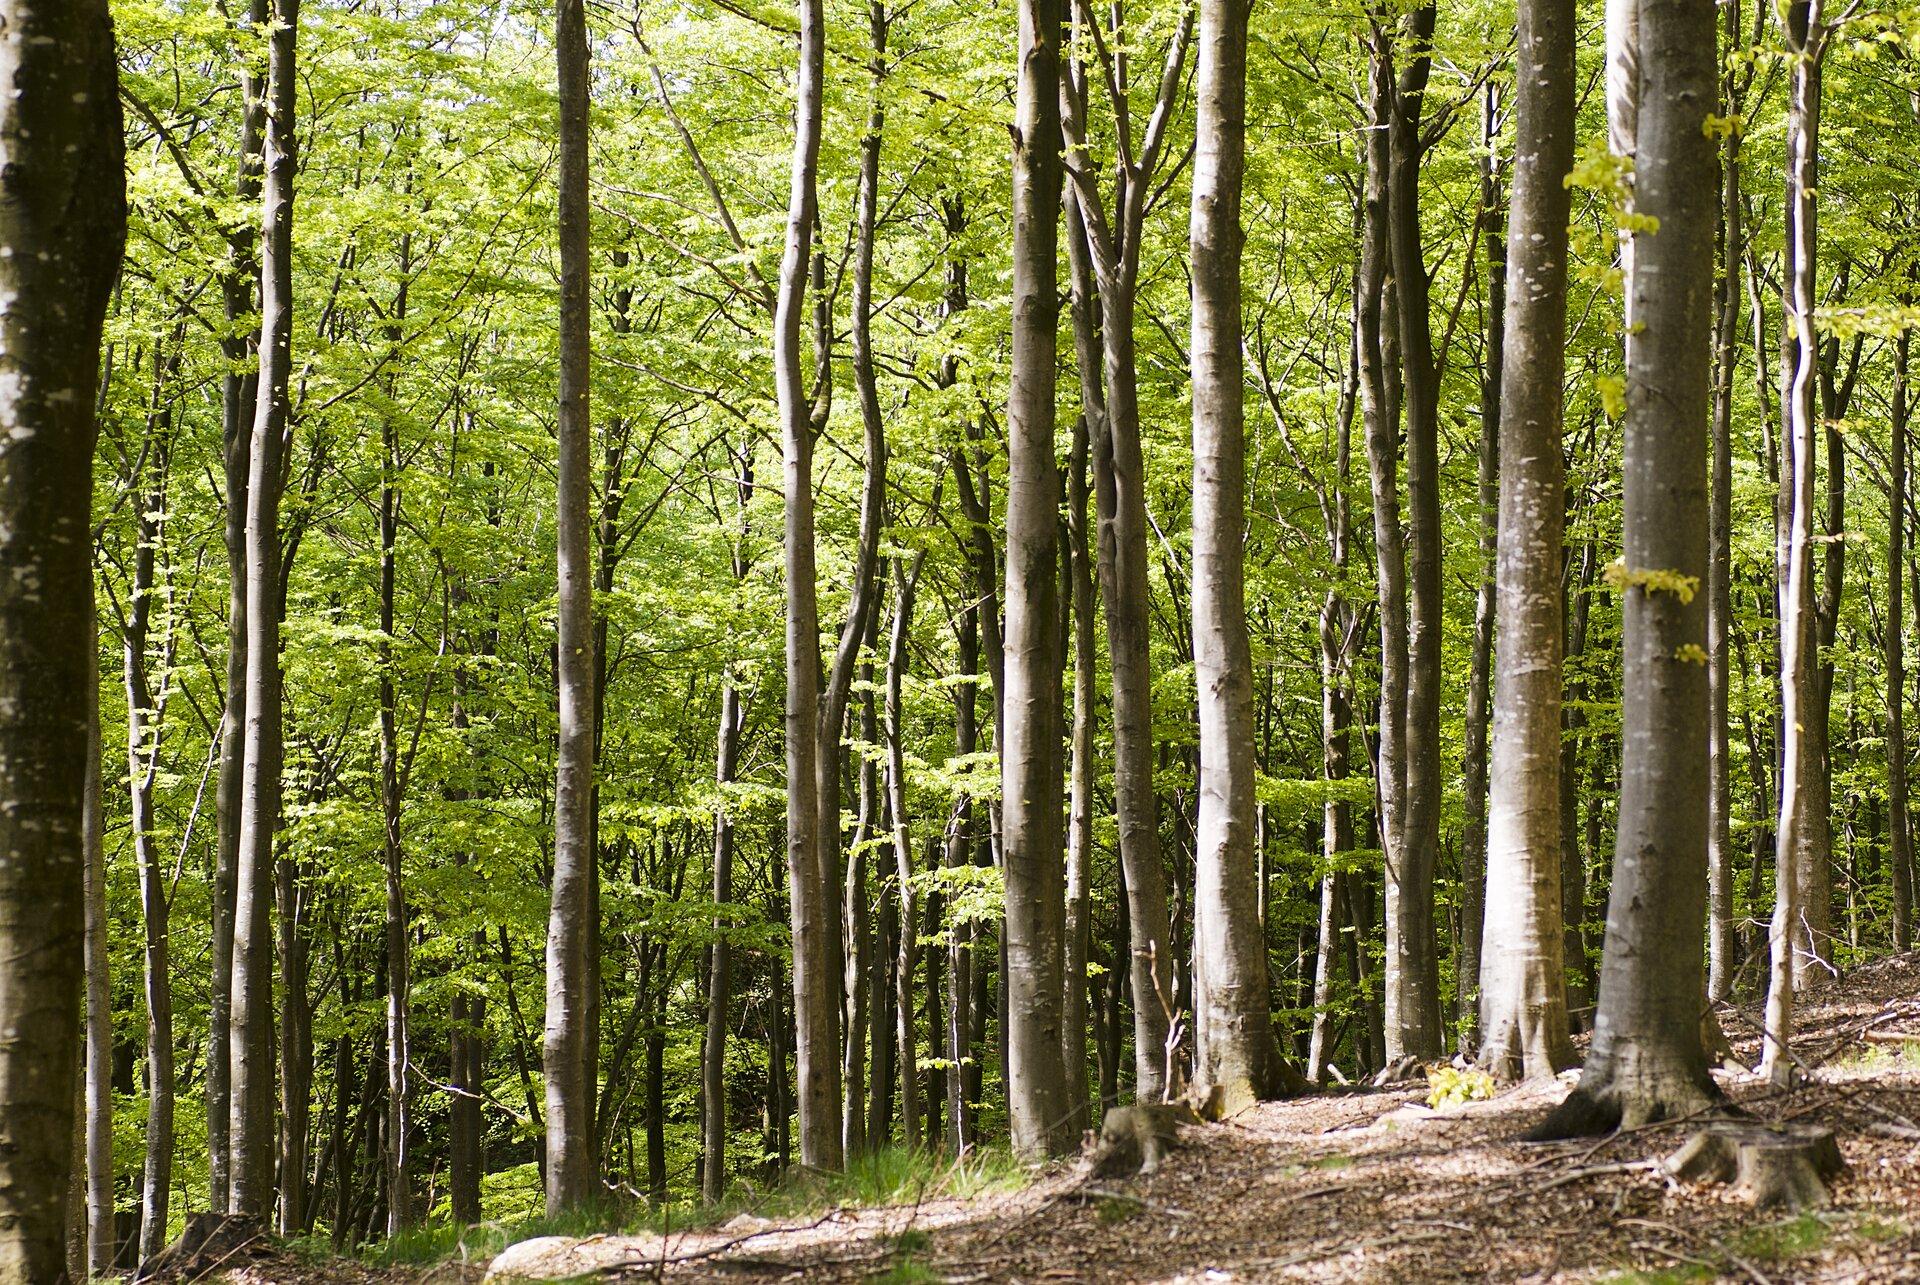 Fotografia przedstawia wnętrze lasu bukowego, czyli buczyny. Las jest gęsty, pnie drzew cienkie, pokryte jasną korą. Przez zielone liście prześwieca słońce.